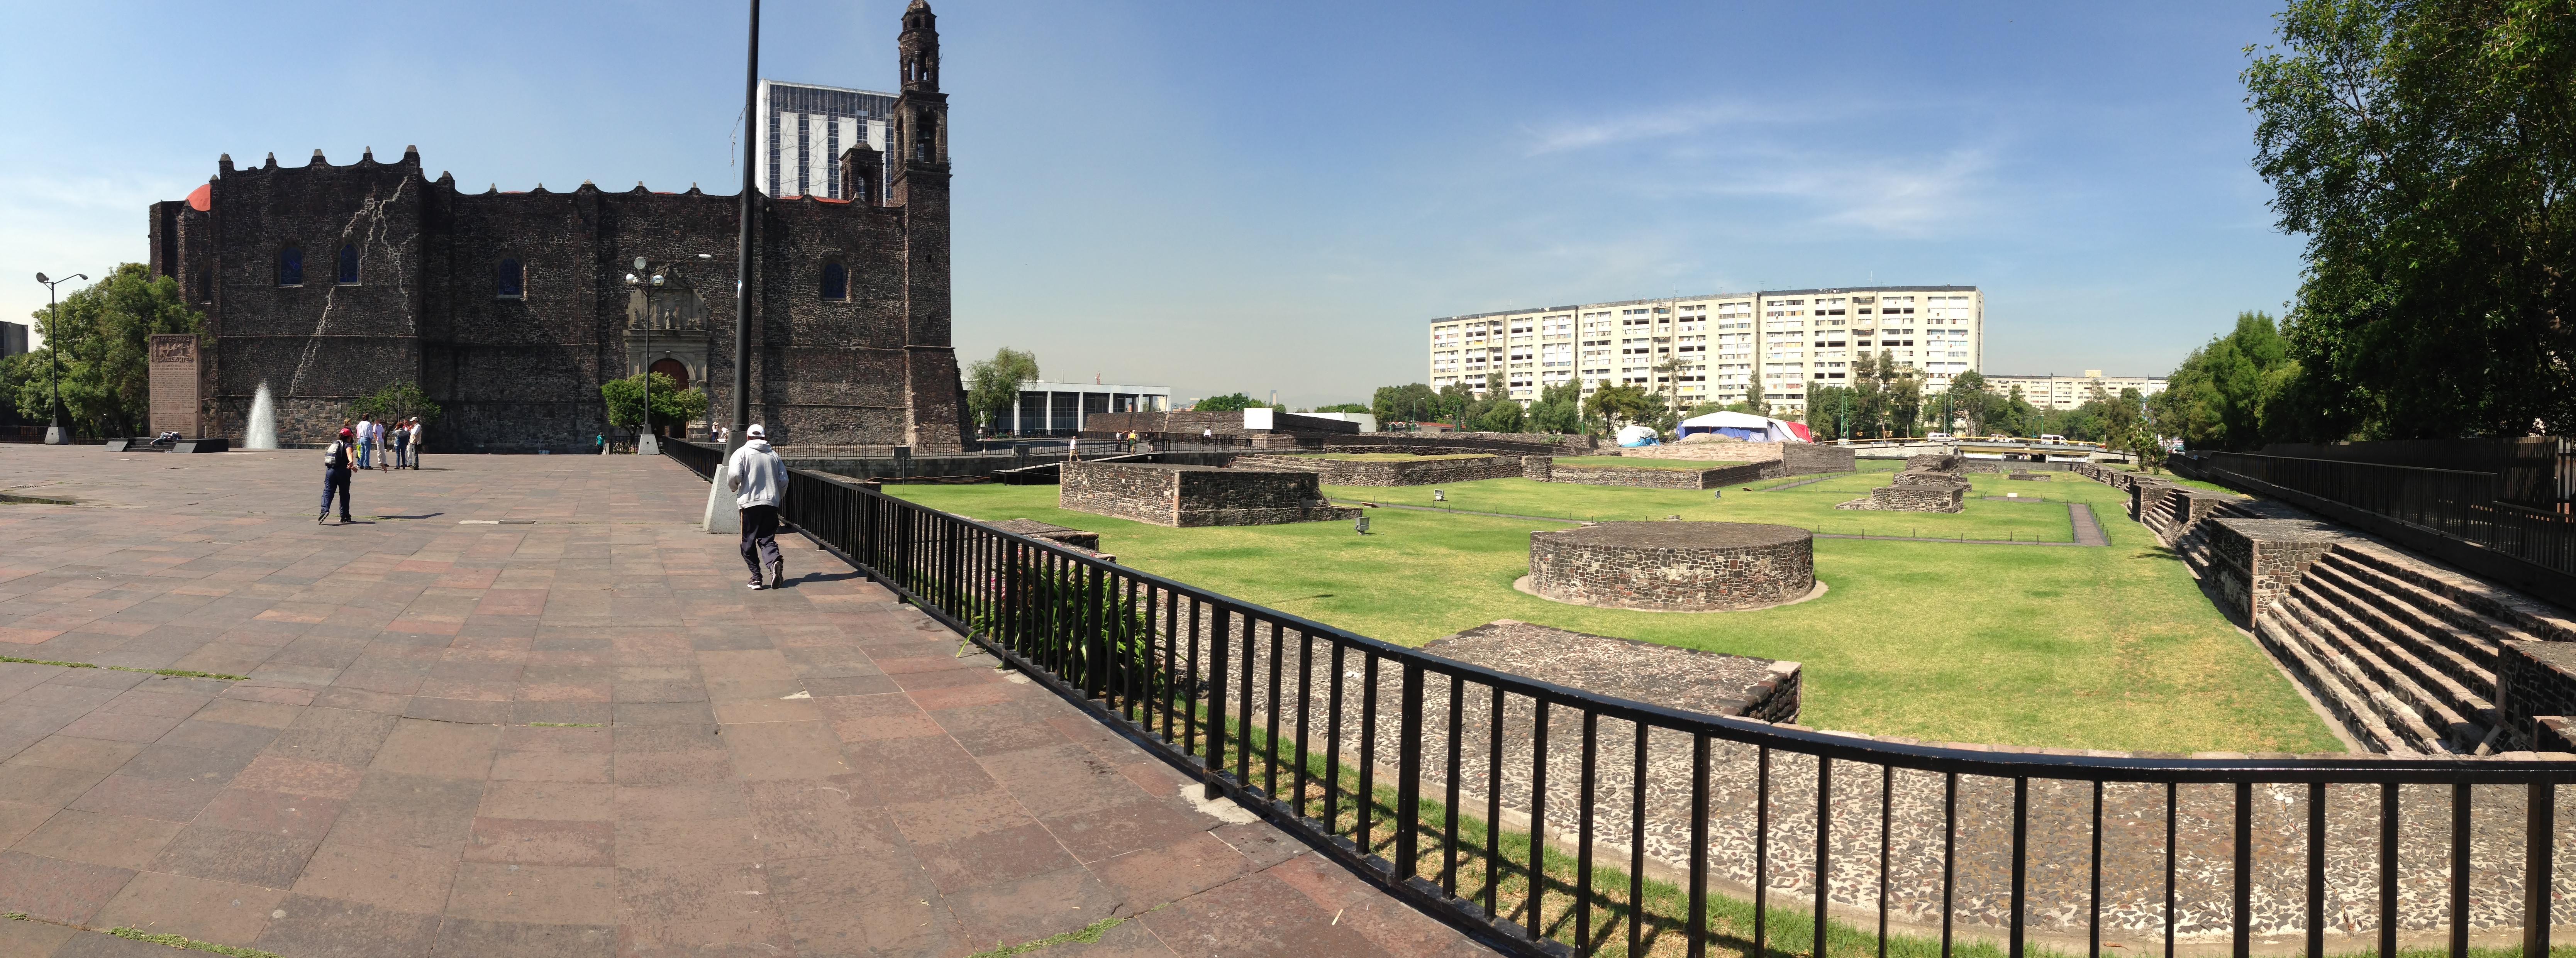 La Plaza de las Tres Culturas